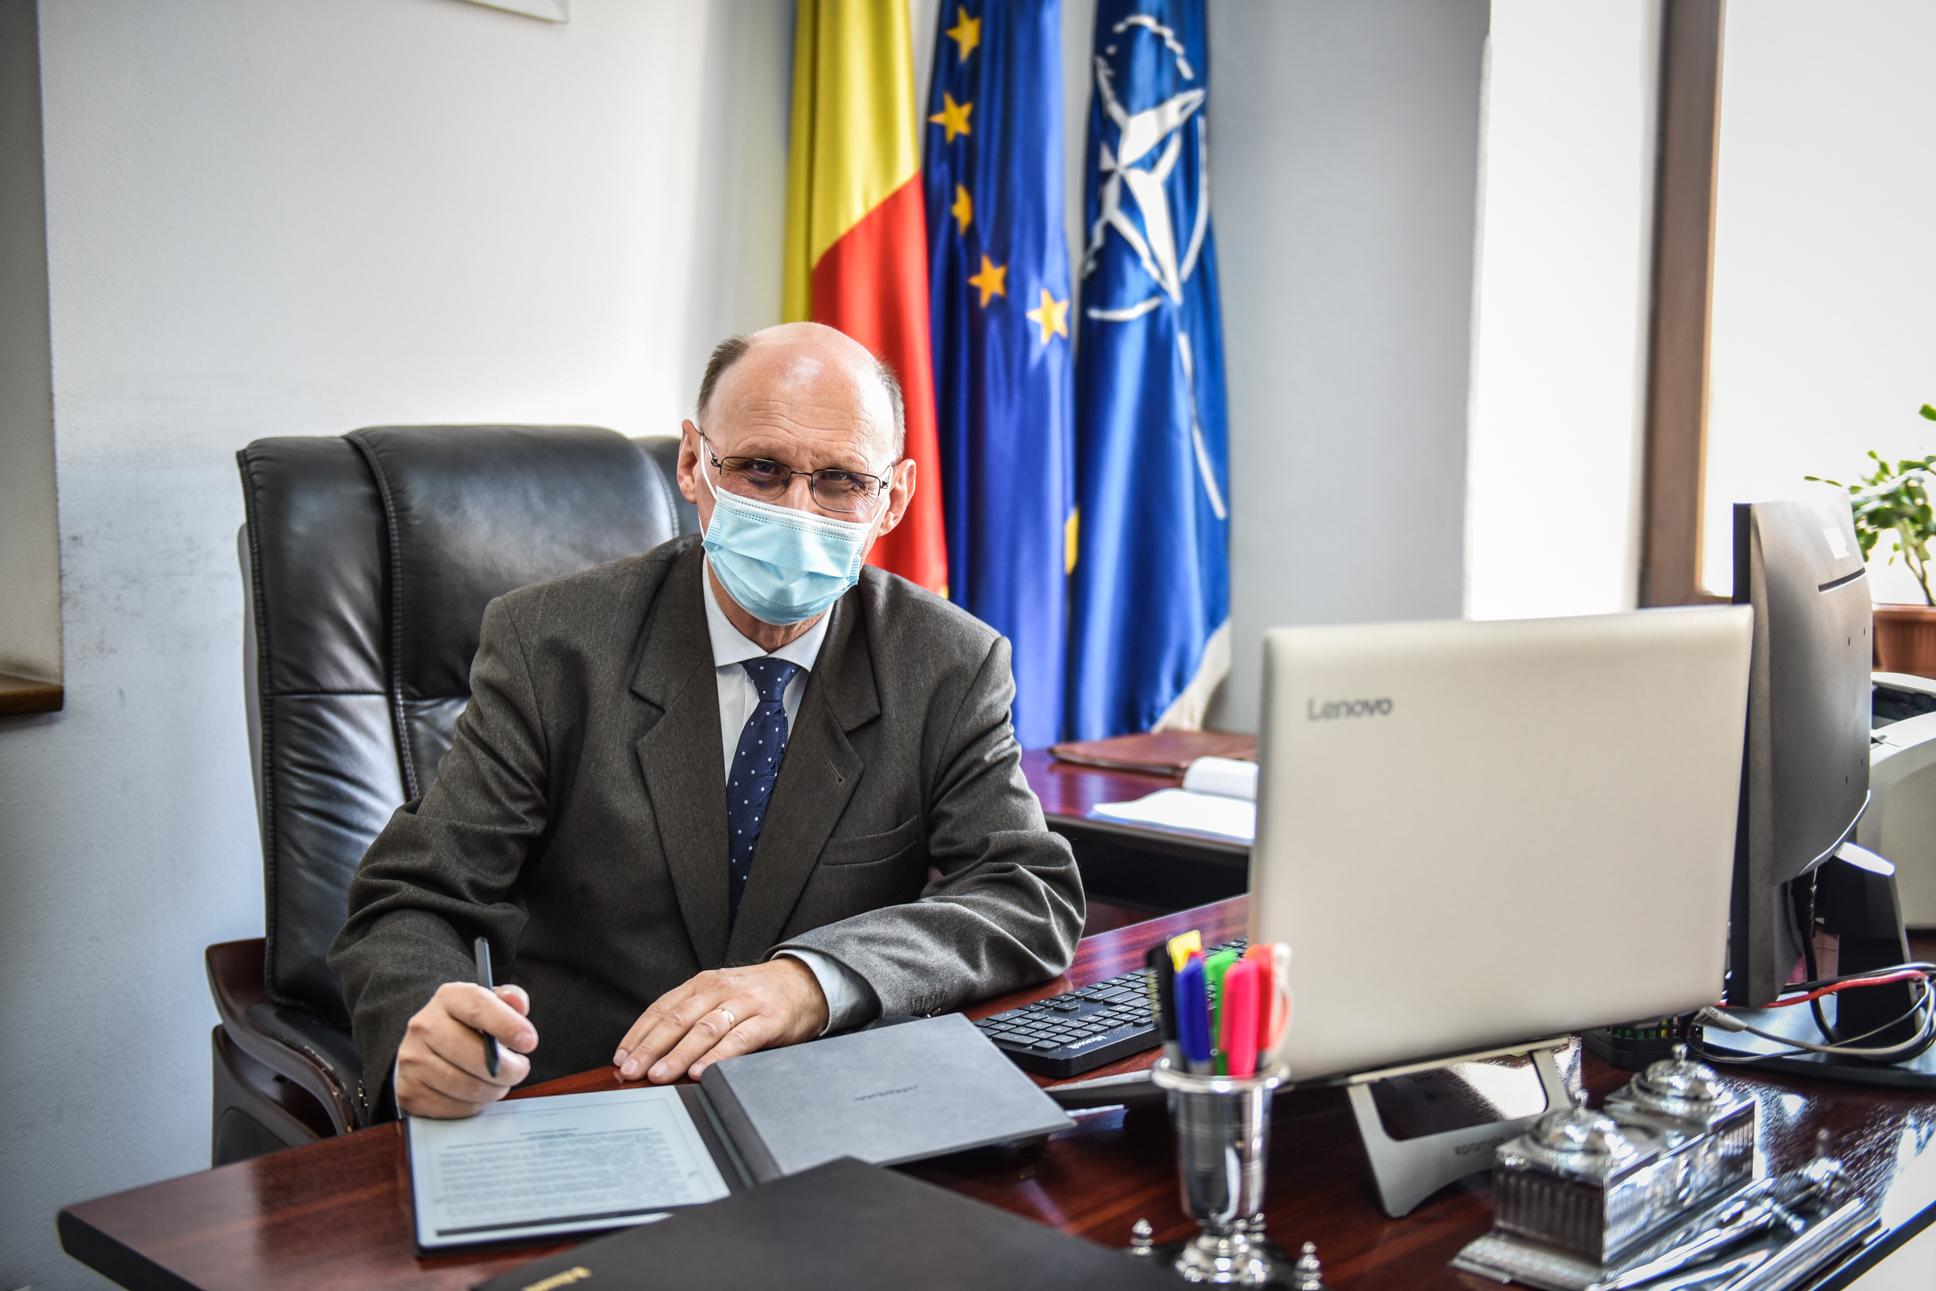 Subprefectul Laurențiu Theodoru, scrisoare deschisă către autorități, medici și lideri de opinie: îndemnați oamenii să se vaccineze